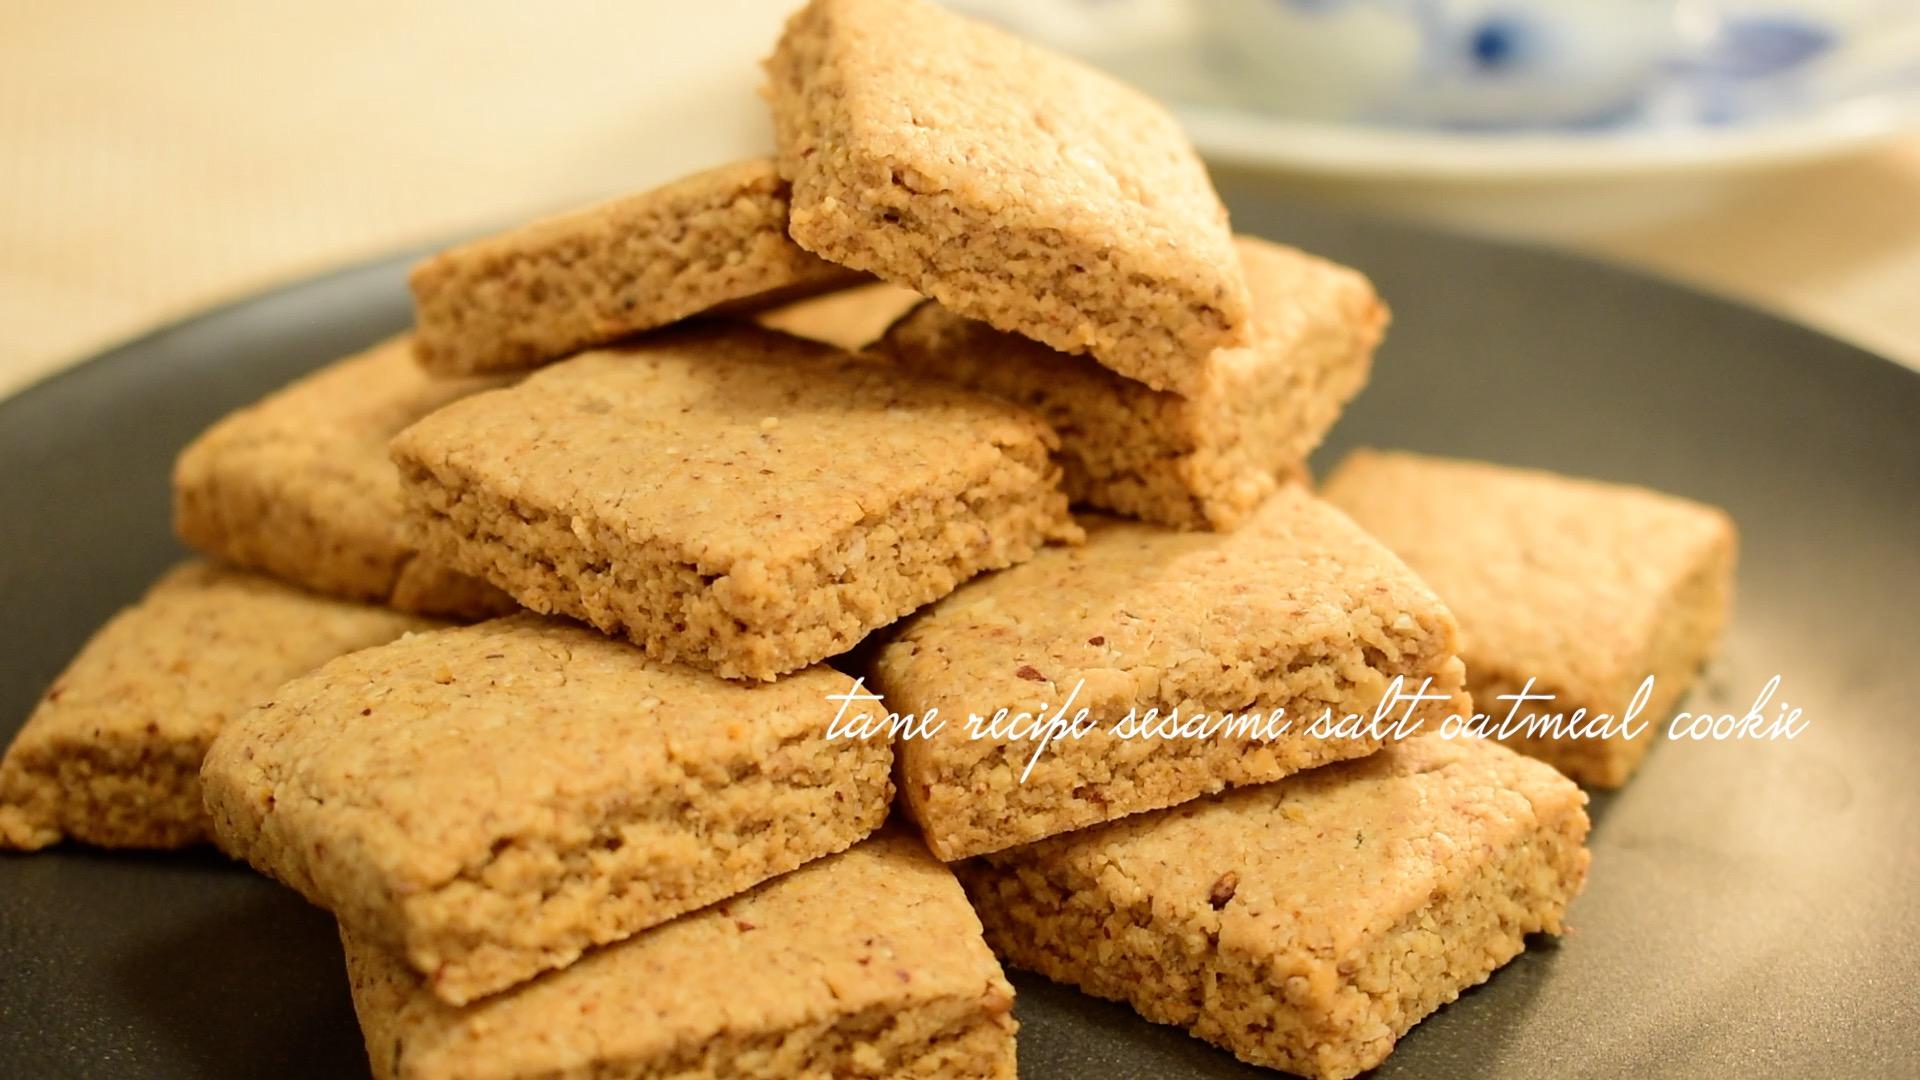 【ヴィーガンレシピ】ざくざく食感のセサミ塩オートミールクッキー【小麦粉不使用】